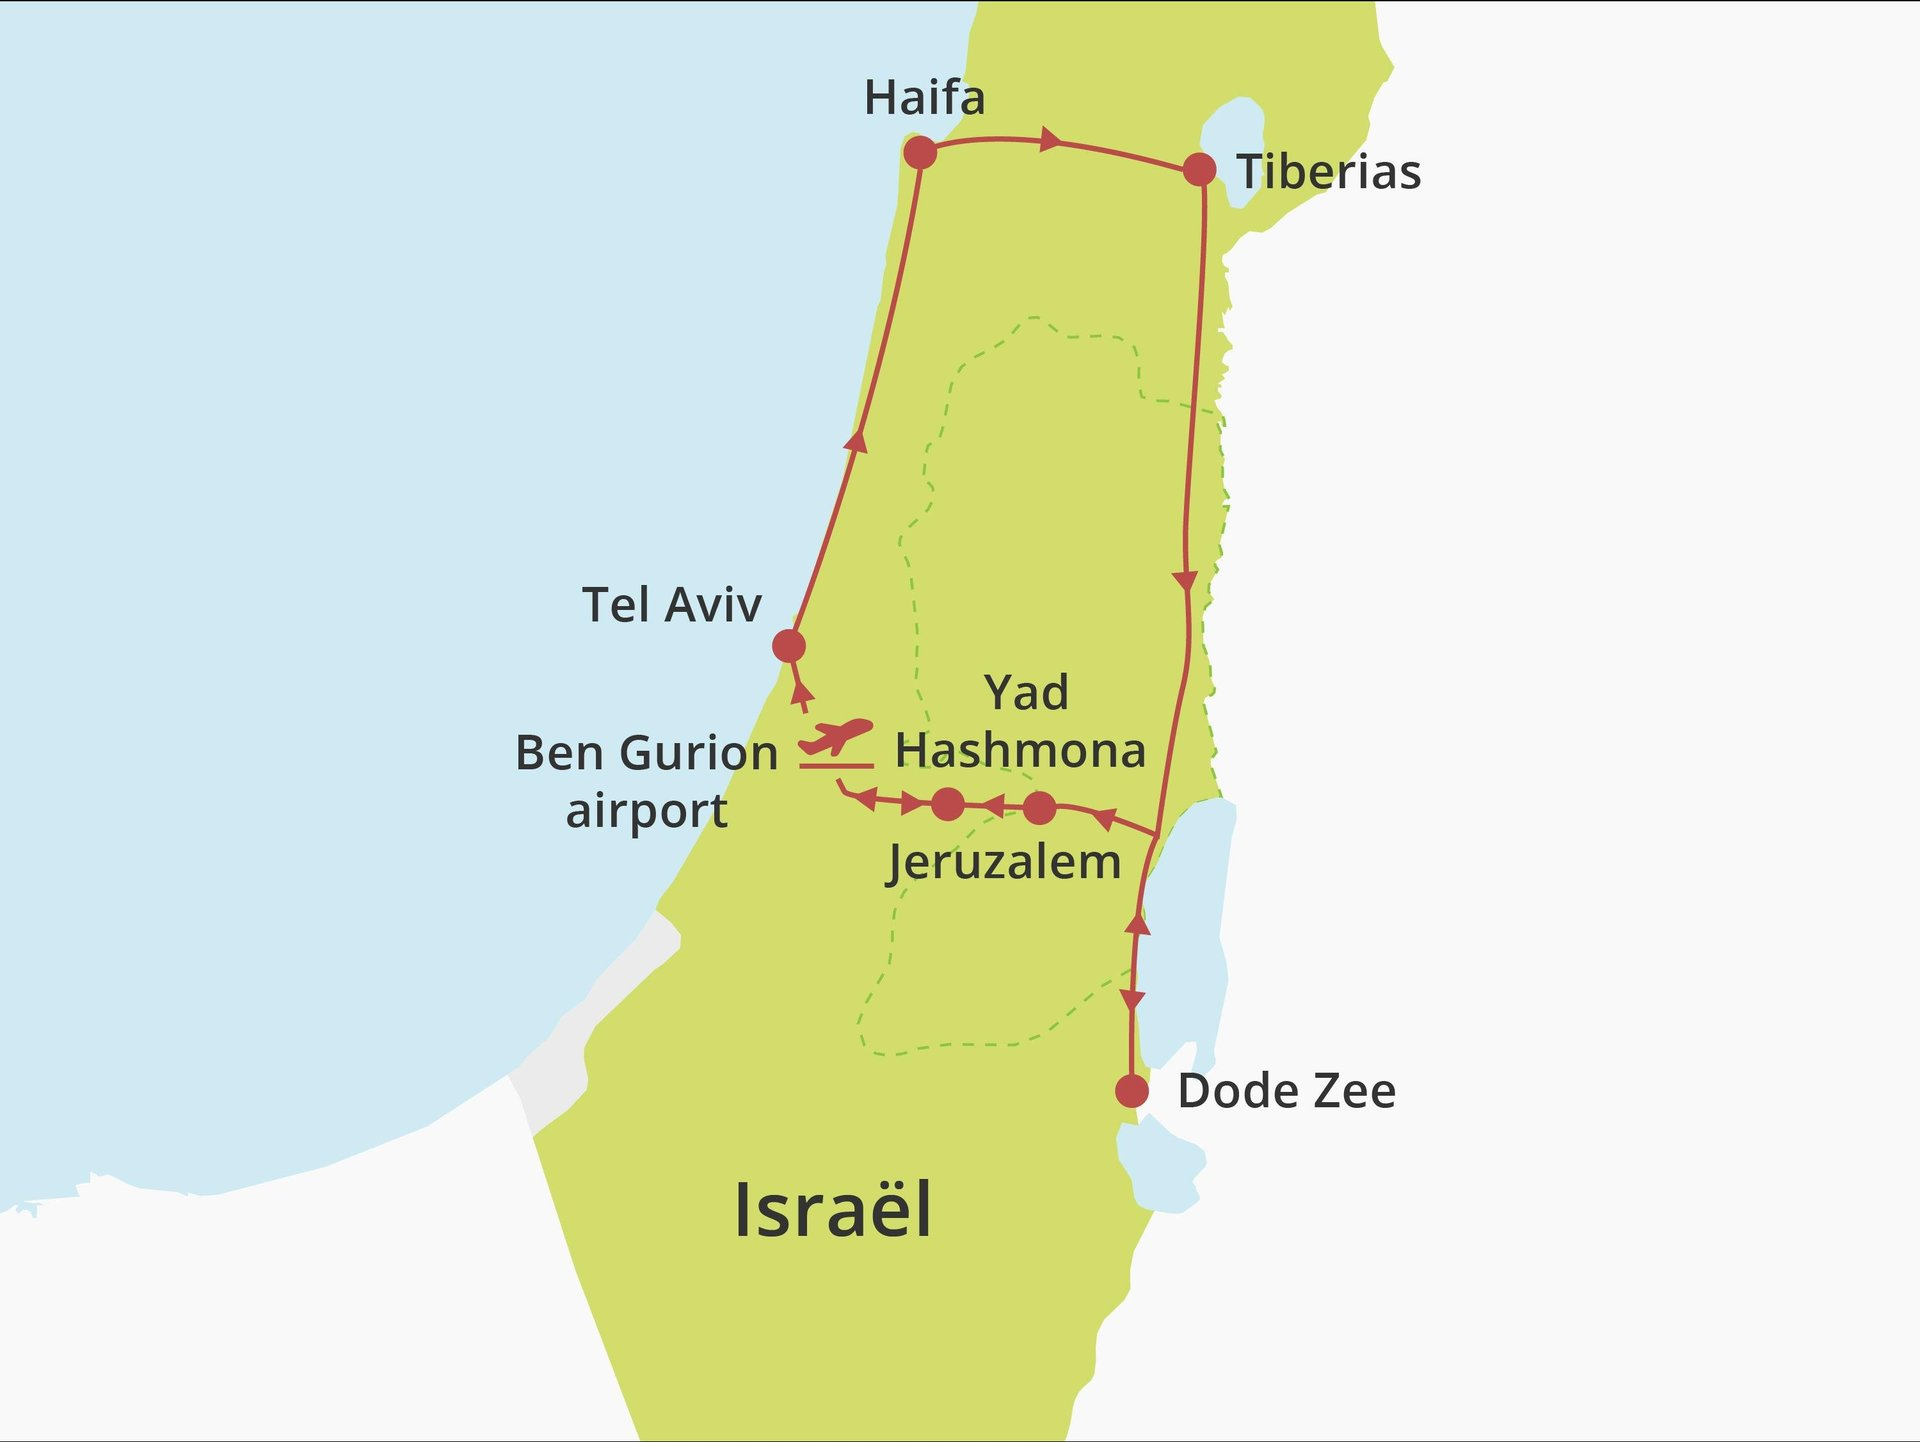 Kibboets fly-drive Hoogtepunten van Israël